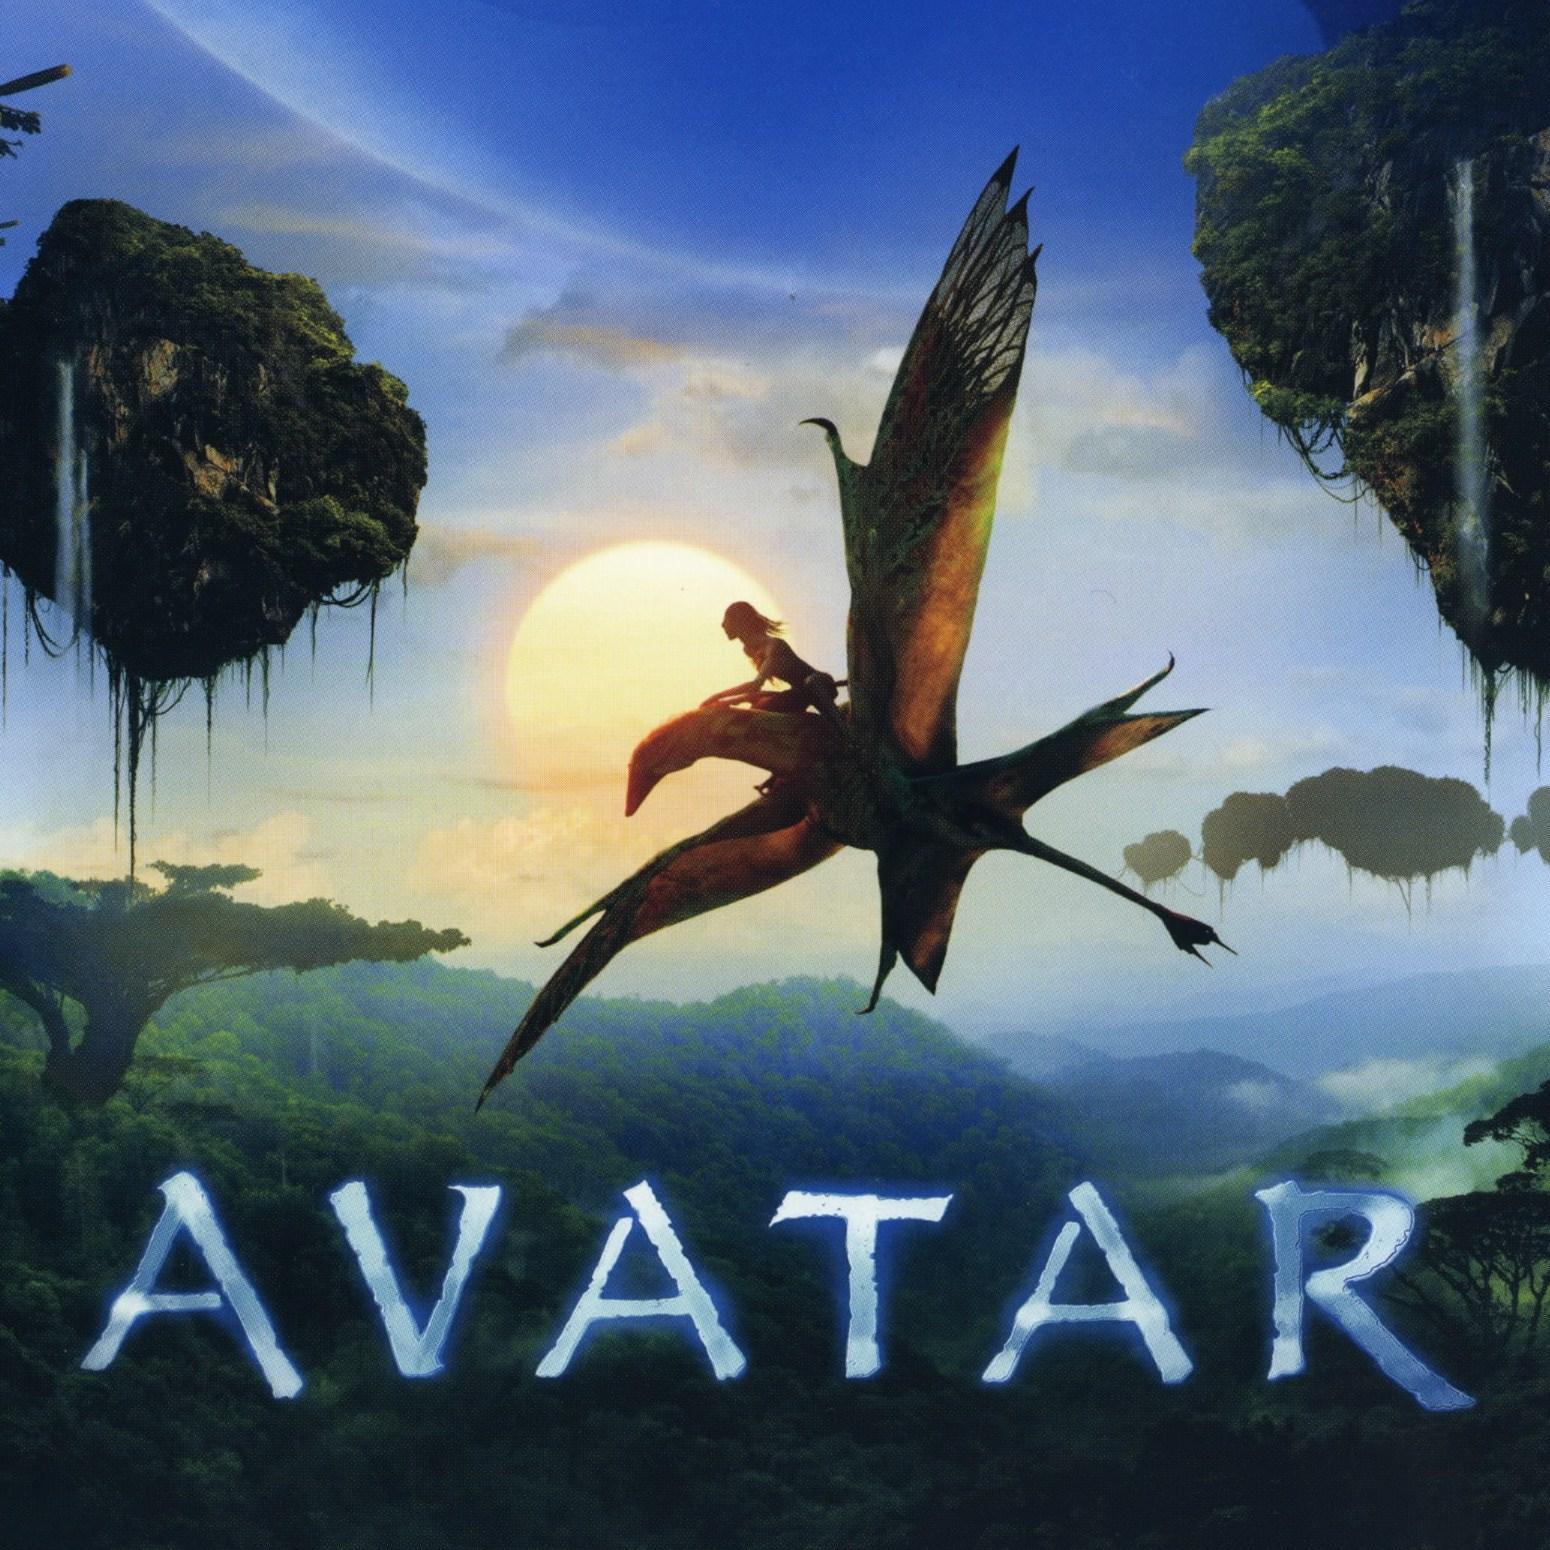 Avatar_001